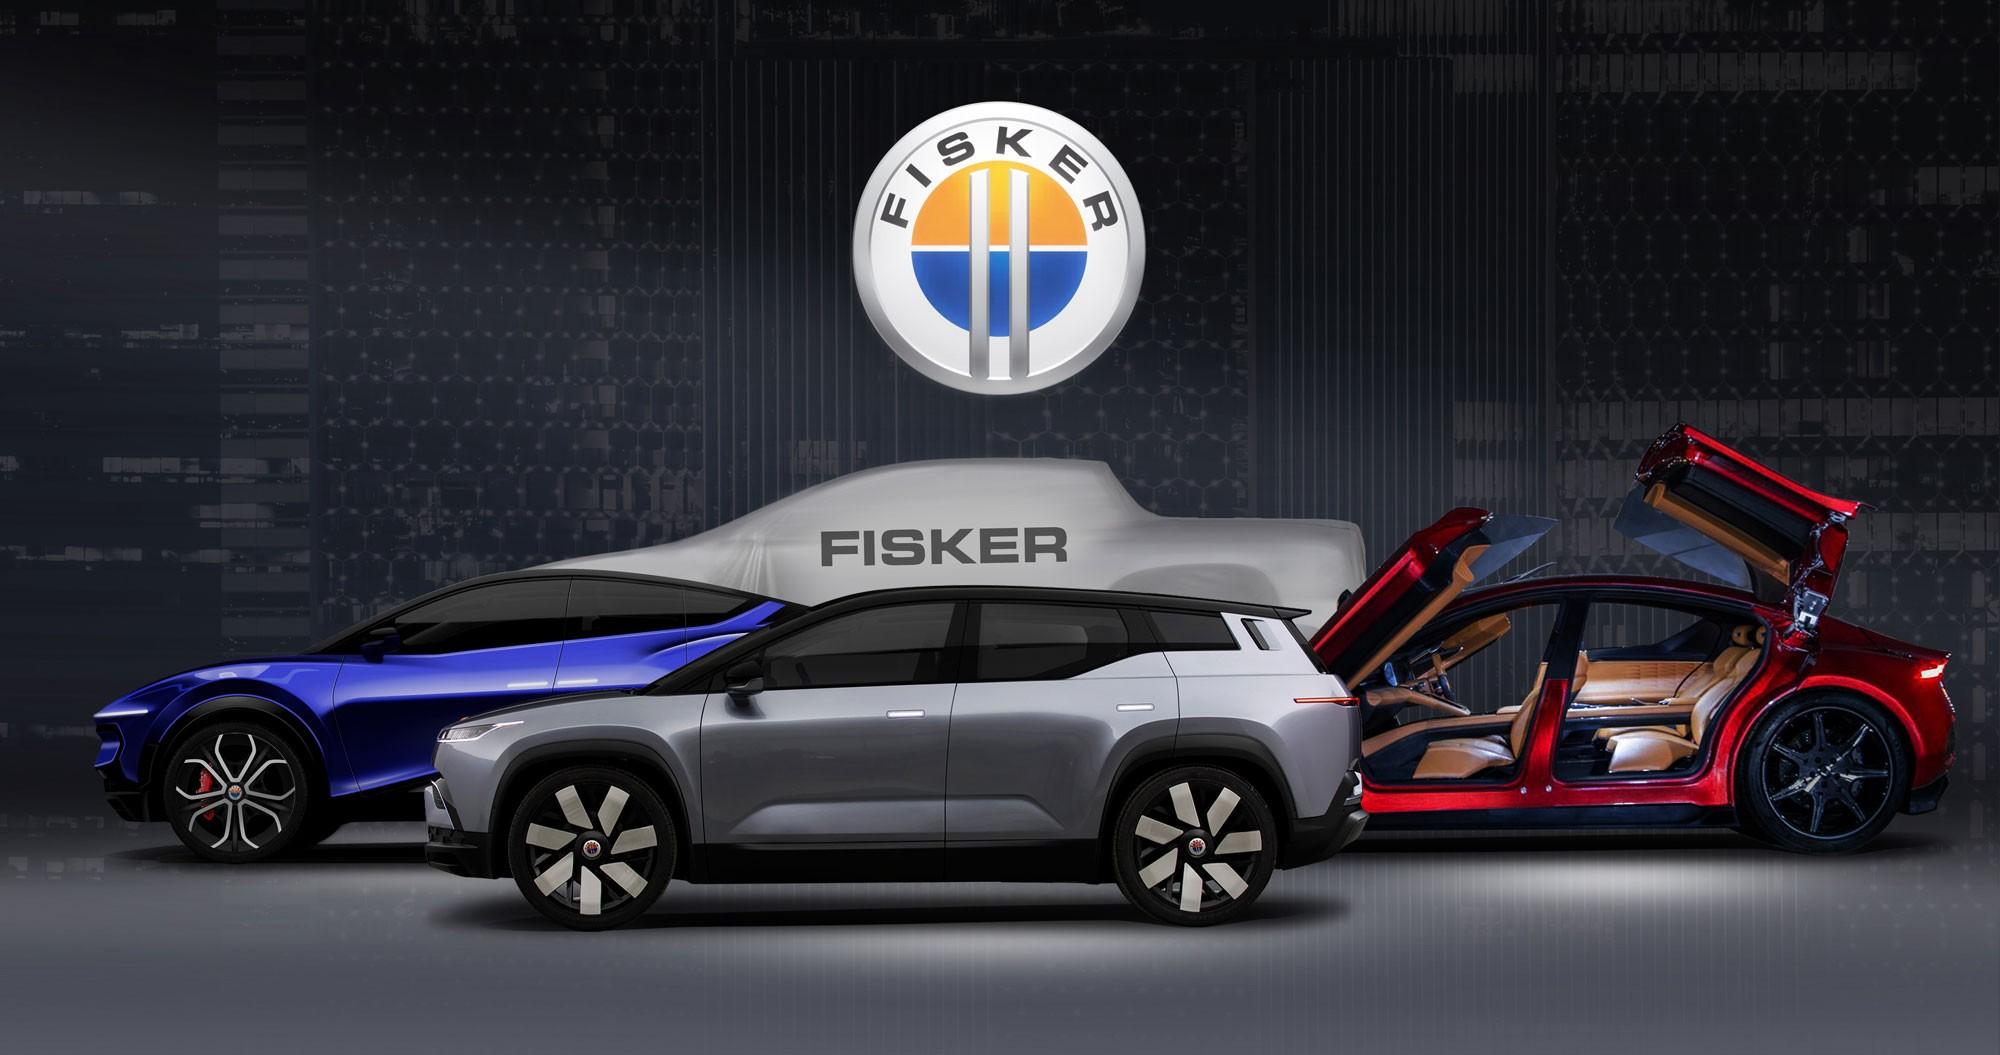 Magna покупает долю в стартапе Fisker и будет выпускать его кроссоверы Ocean